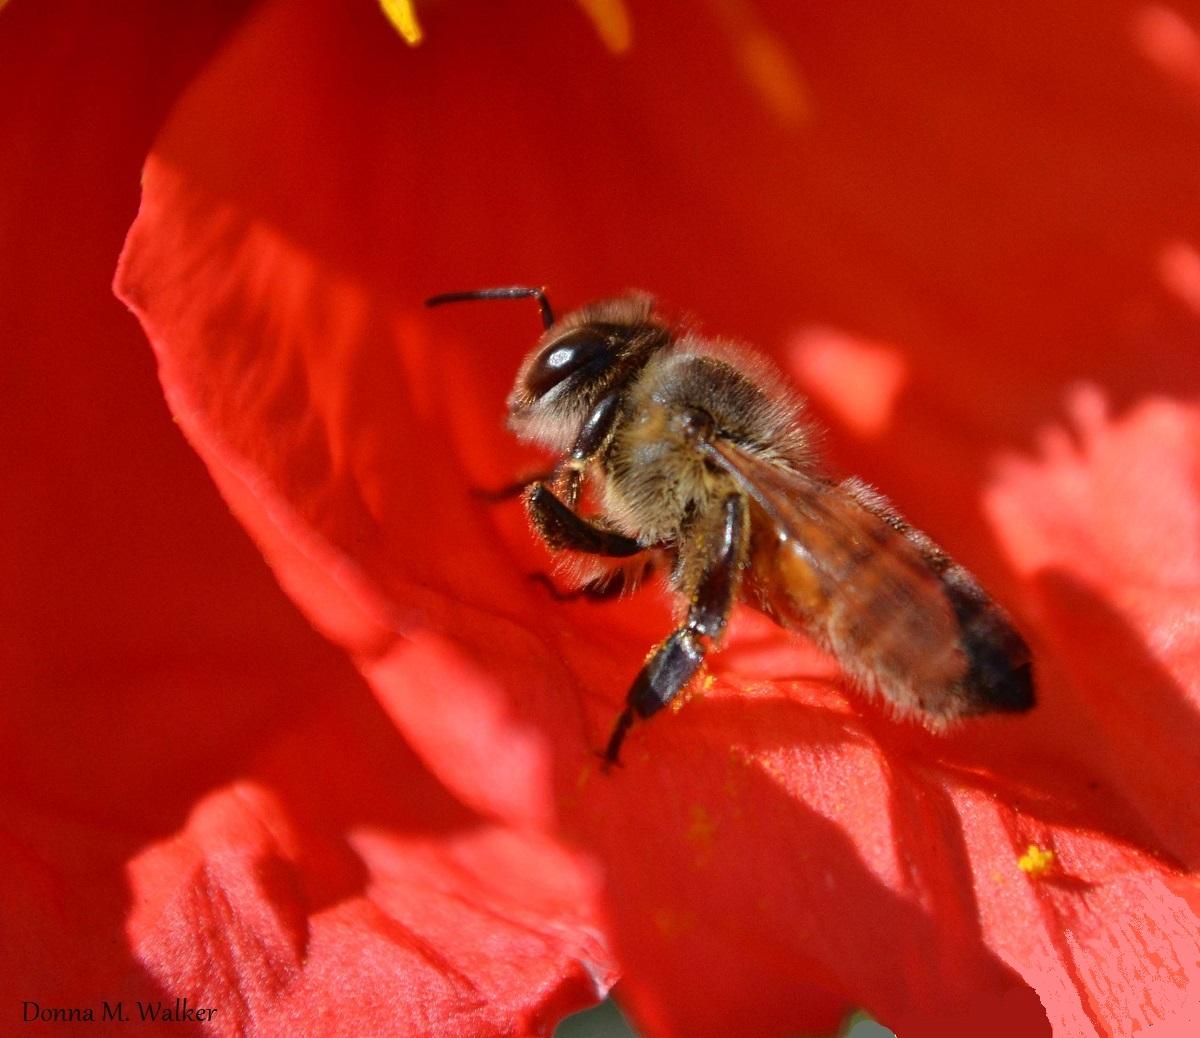 Honey bee on red poppy flower